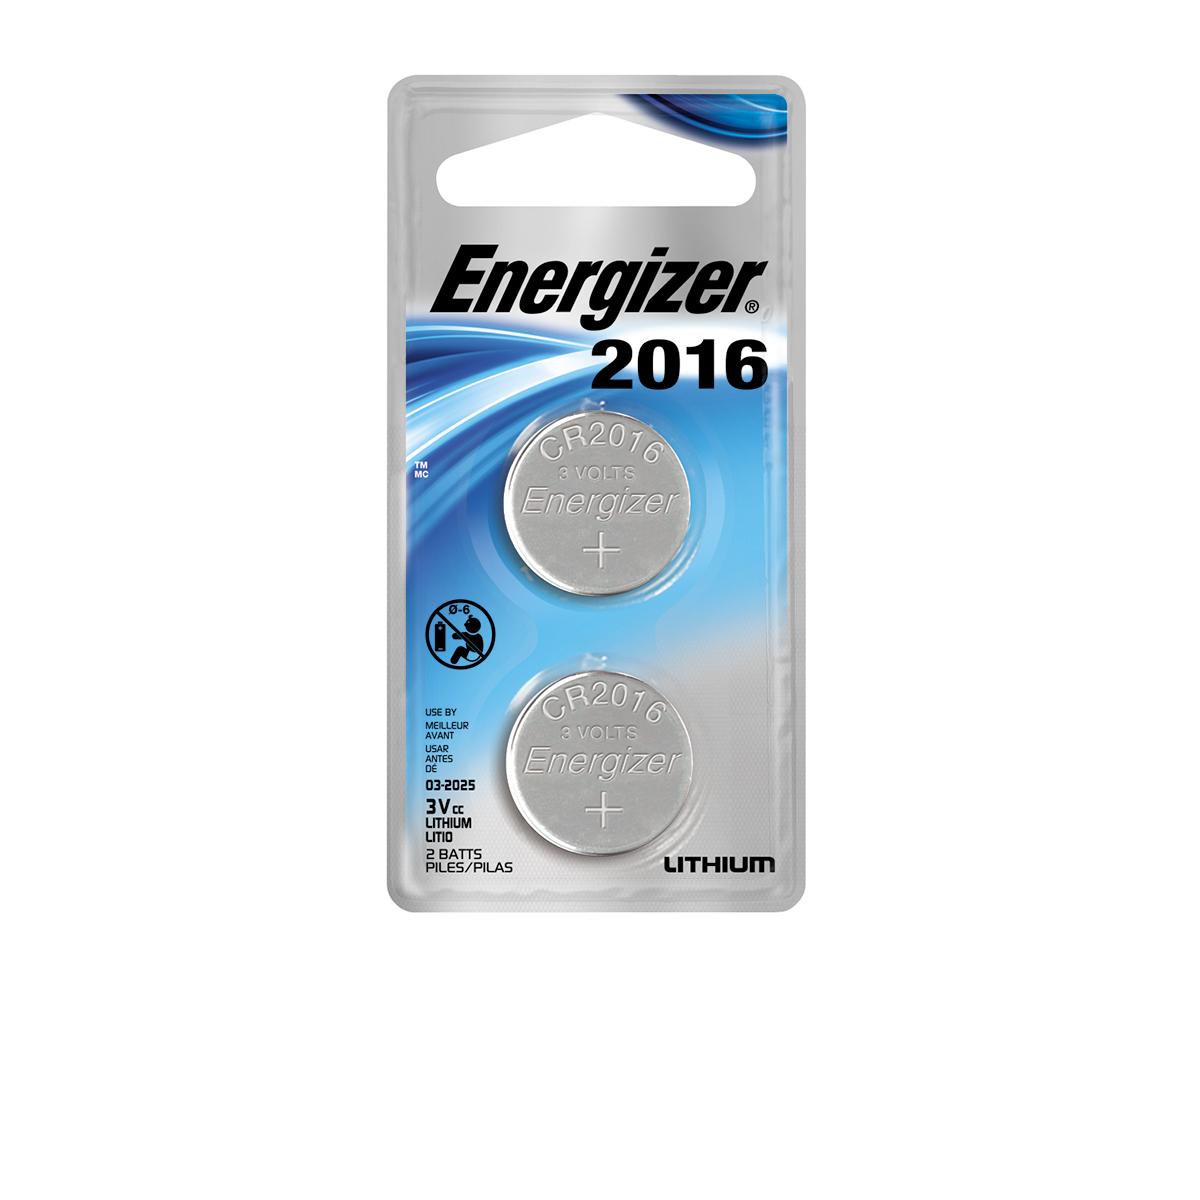 Energizer Ultimate Lithium 3V Batteries, 2 Pack